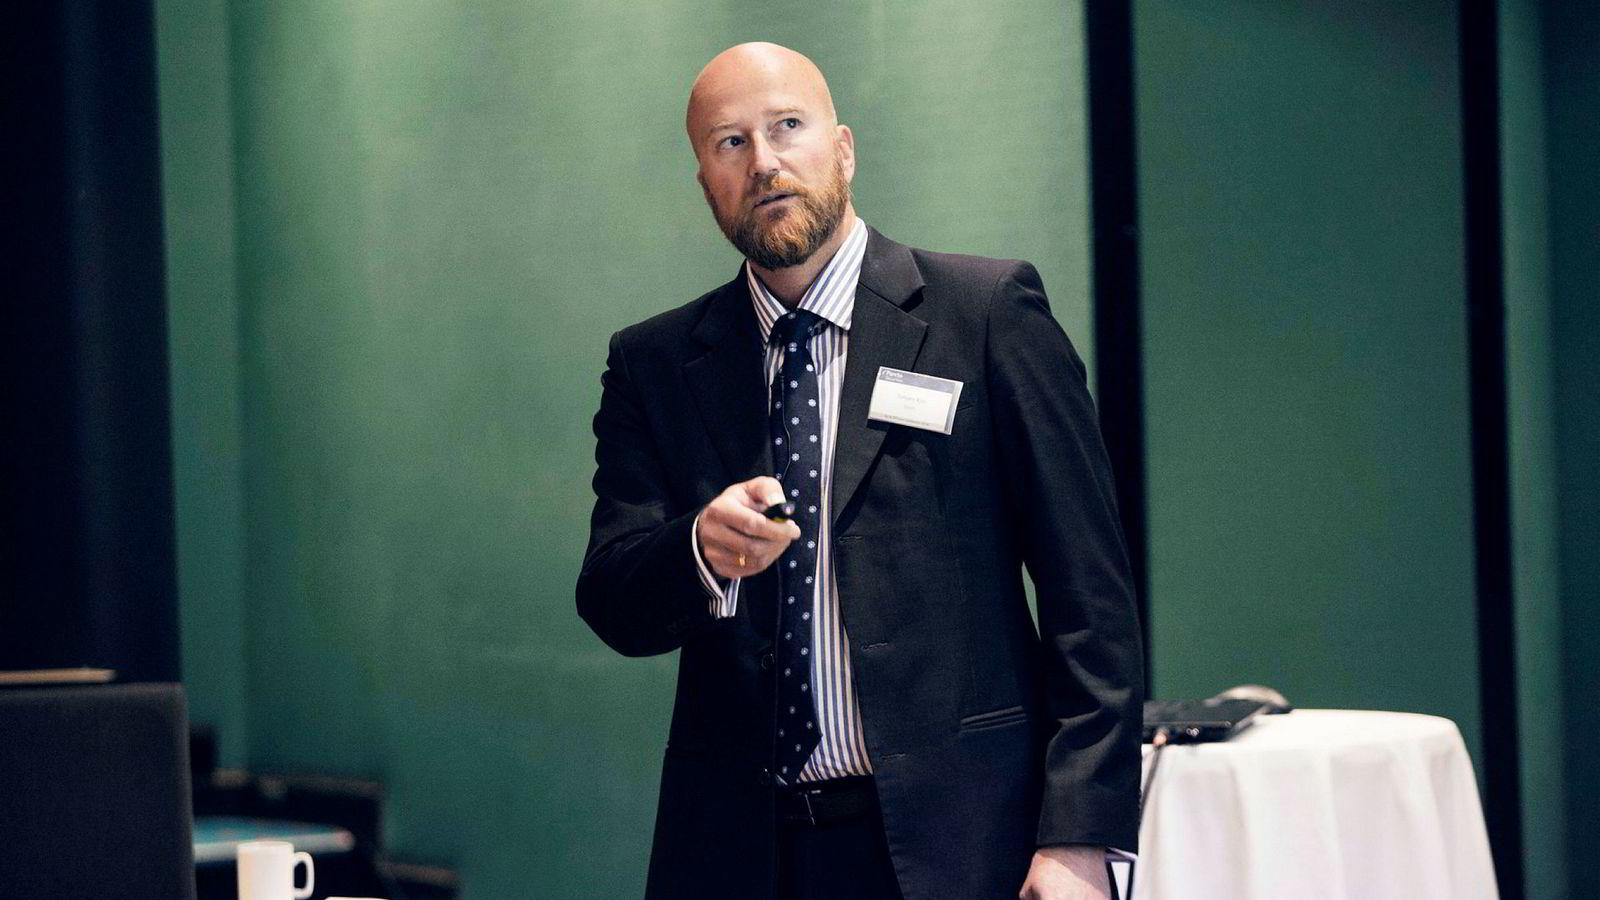 Tidligere oljeanalytiker Torbjørn Kjus blir sjeføkonom i Aker asa fra 30. januar